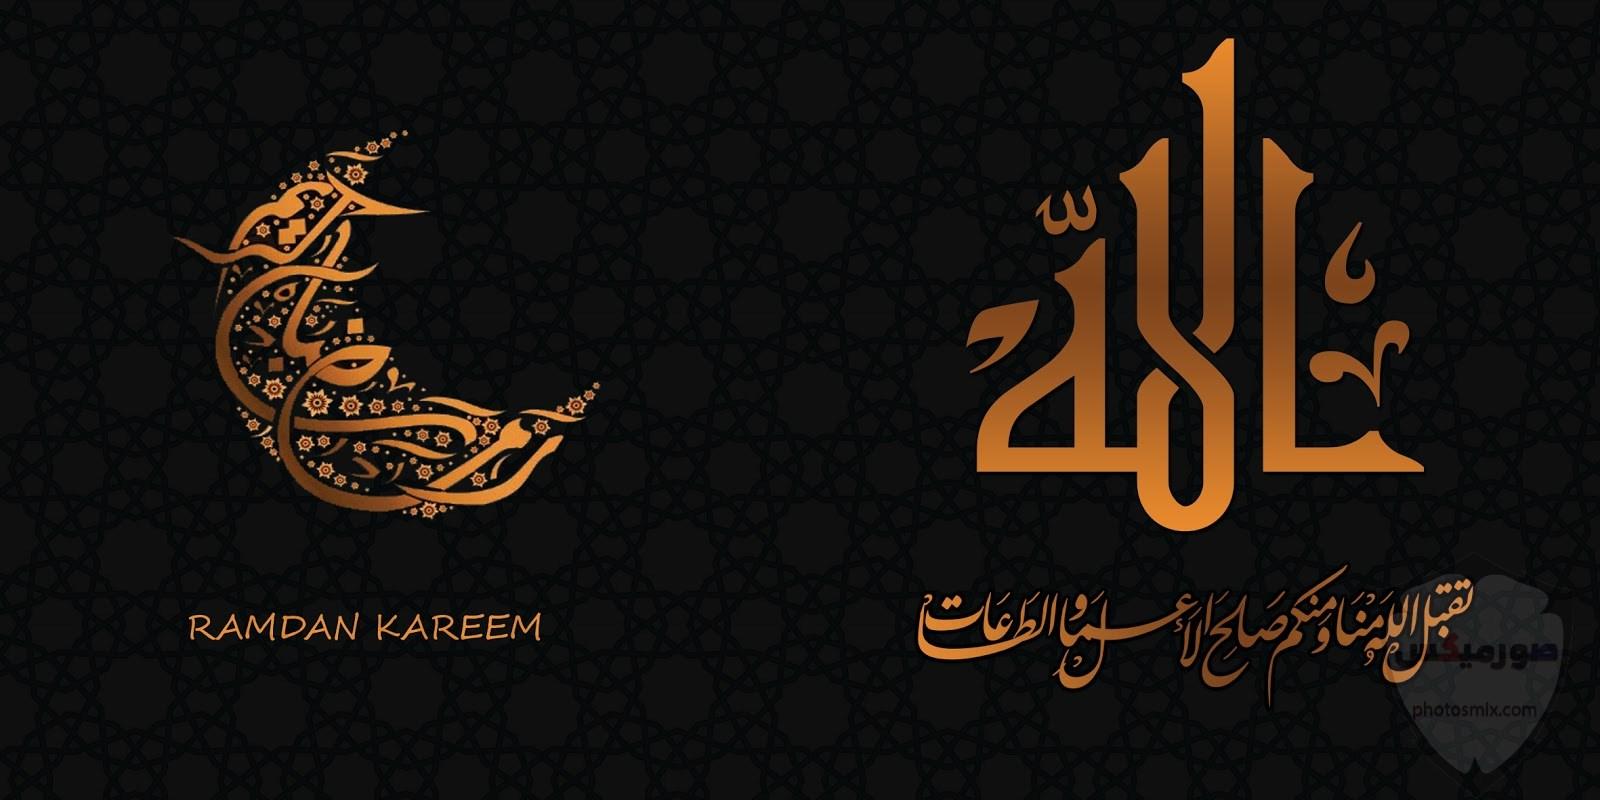 دعاء رمضان 2020 الادعية الرمضان فى 2020 11